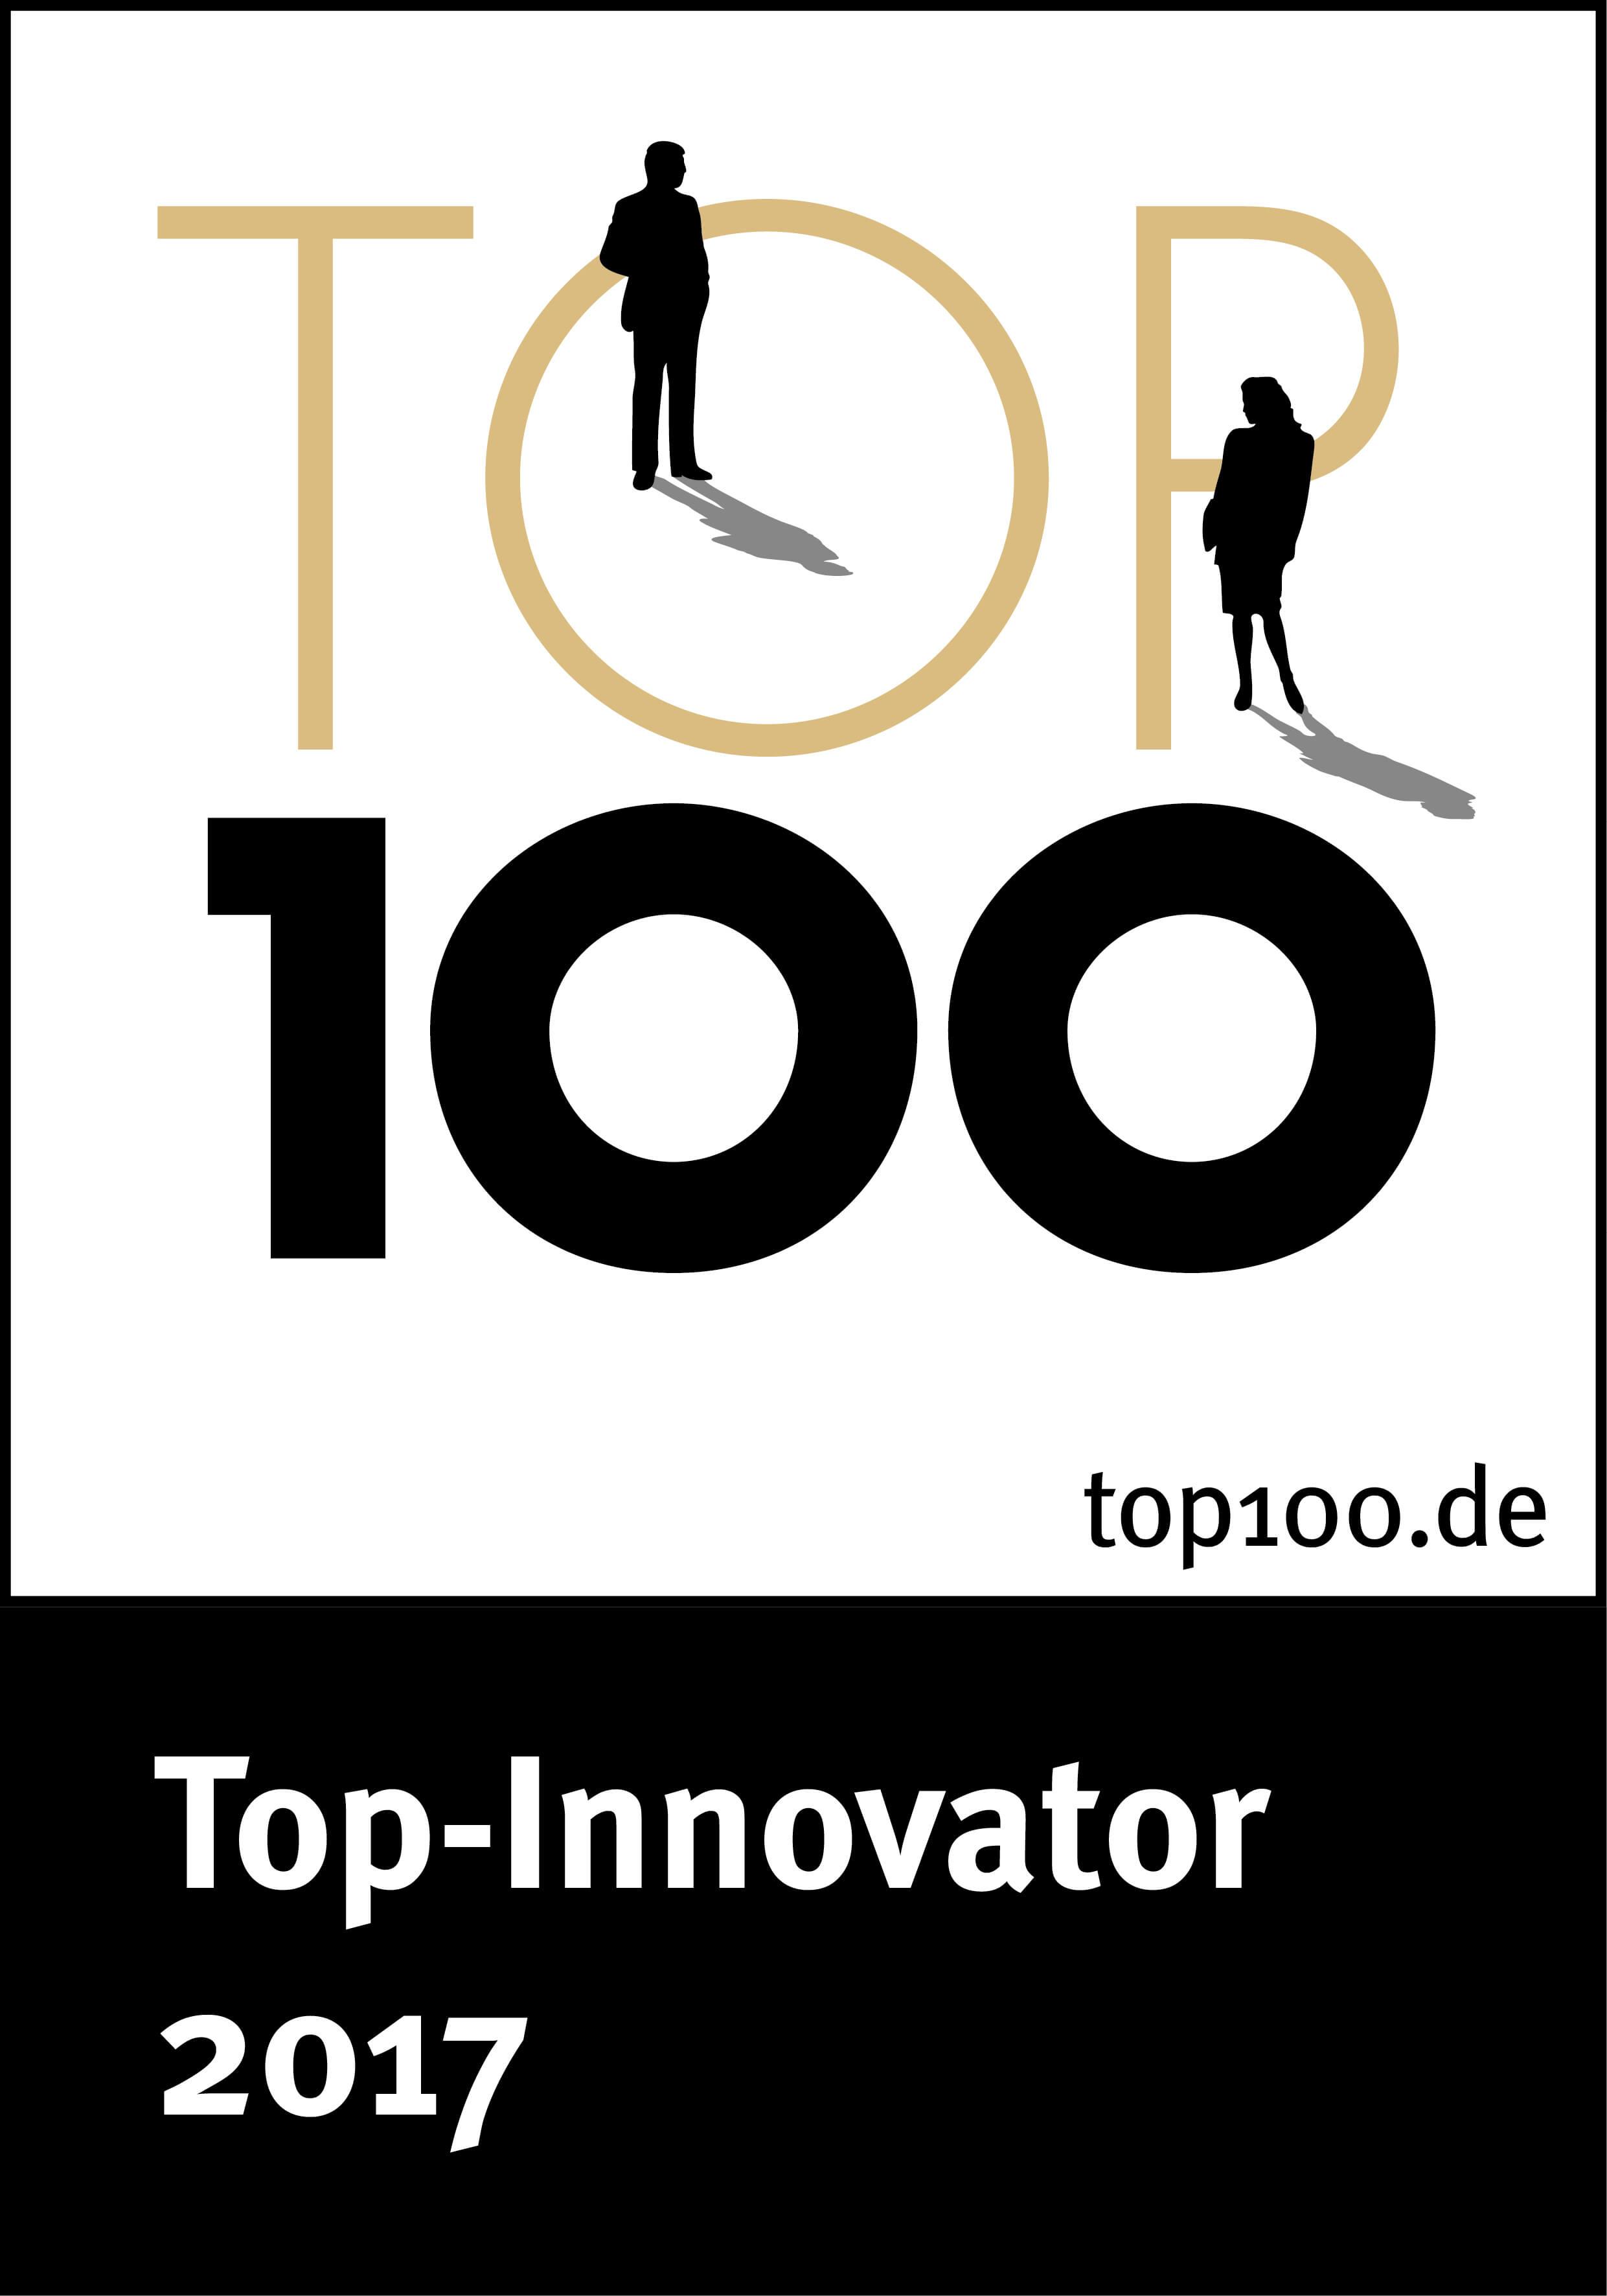 logotop100